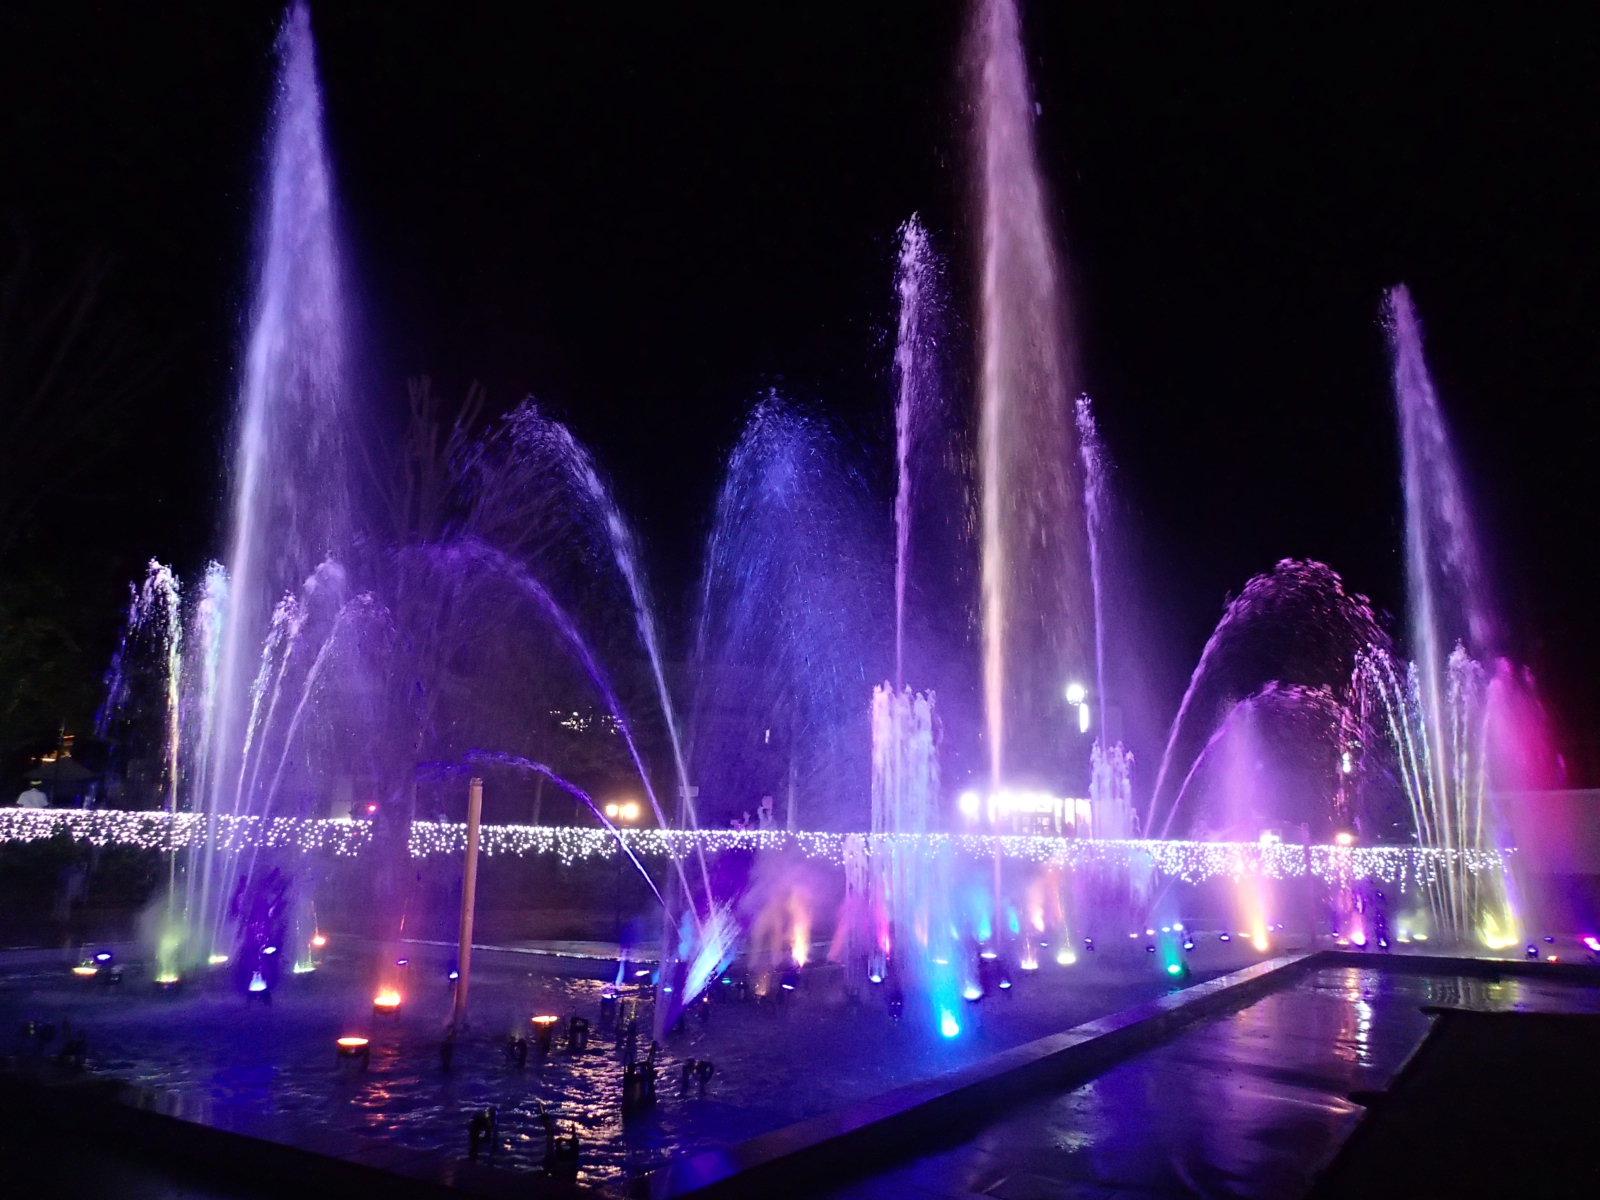 【噴水ショー】きぬ川ホテル三日月 踊る噴水「Dancing Watater」噴水ショー(栃木県)